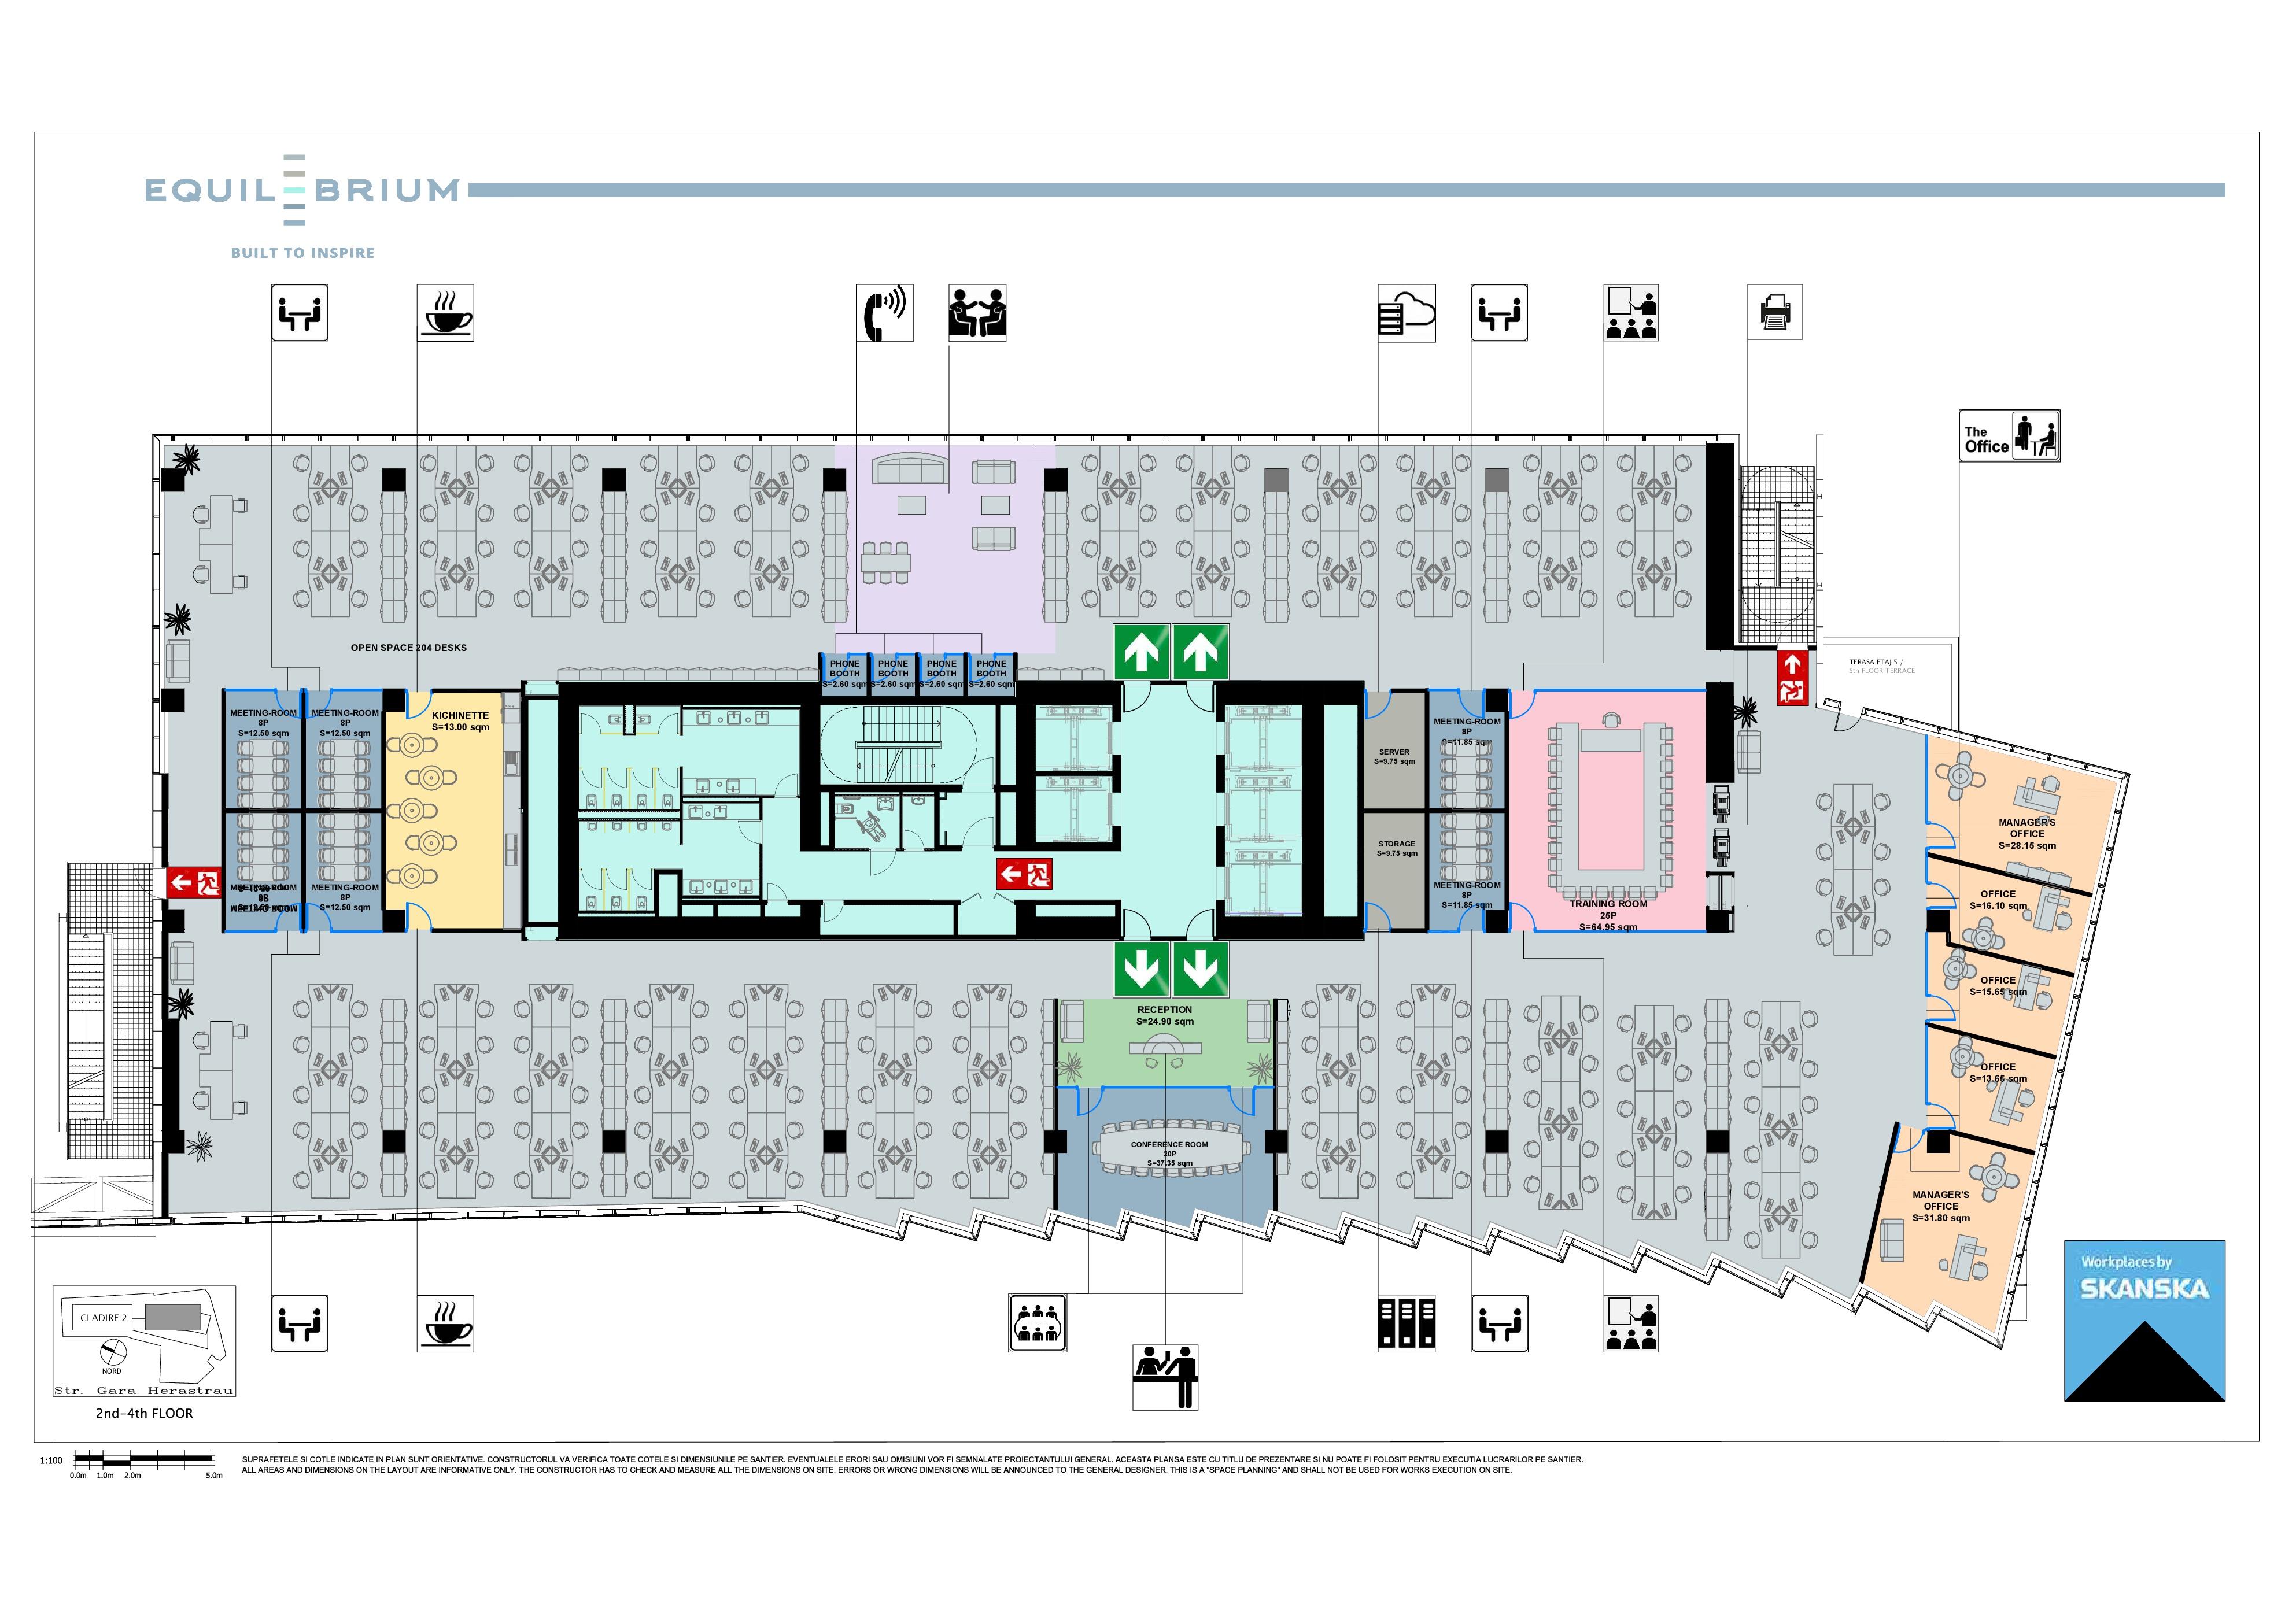 Equilibrium 1 Floor Plan, 5-11 floors